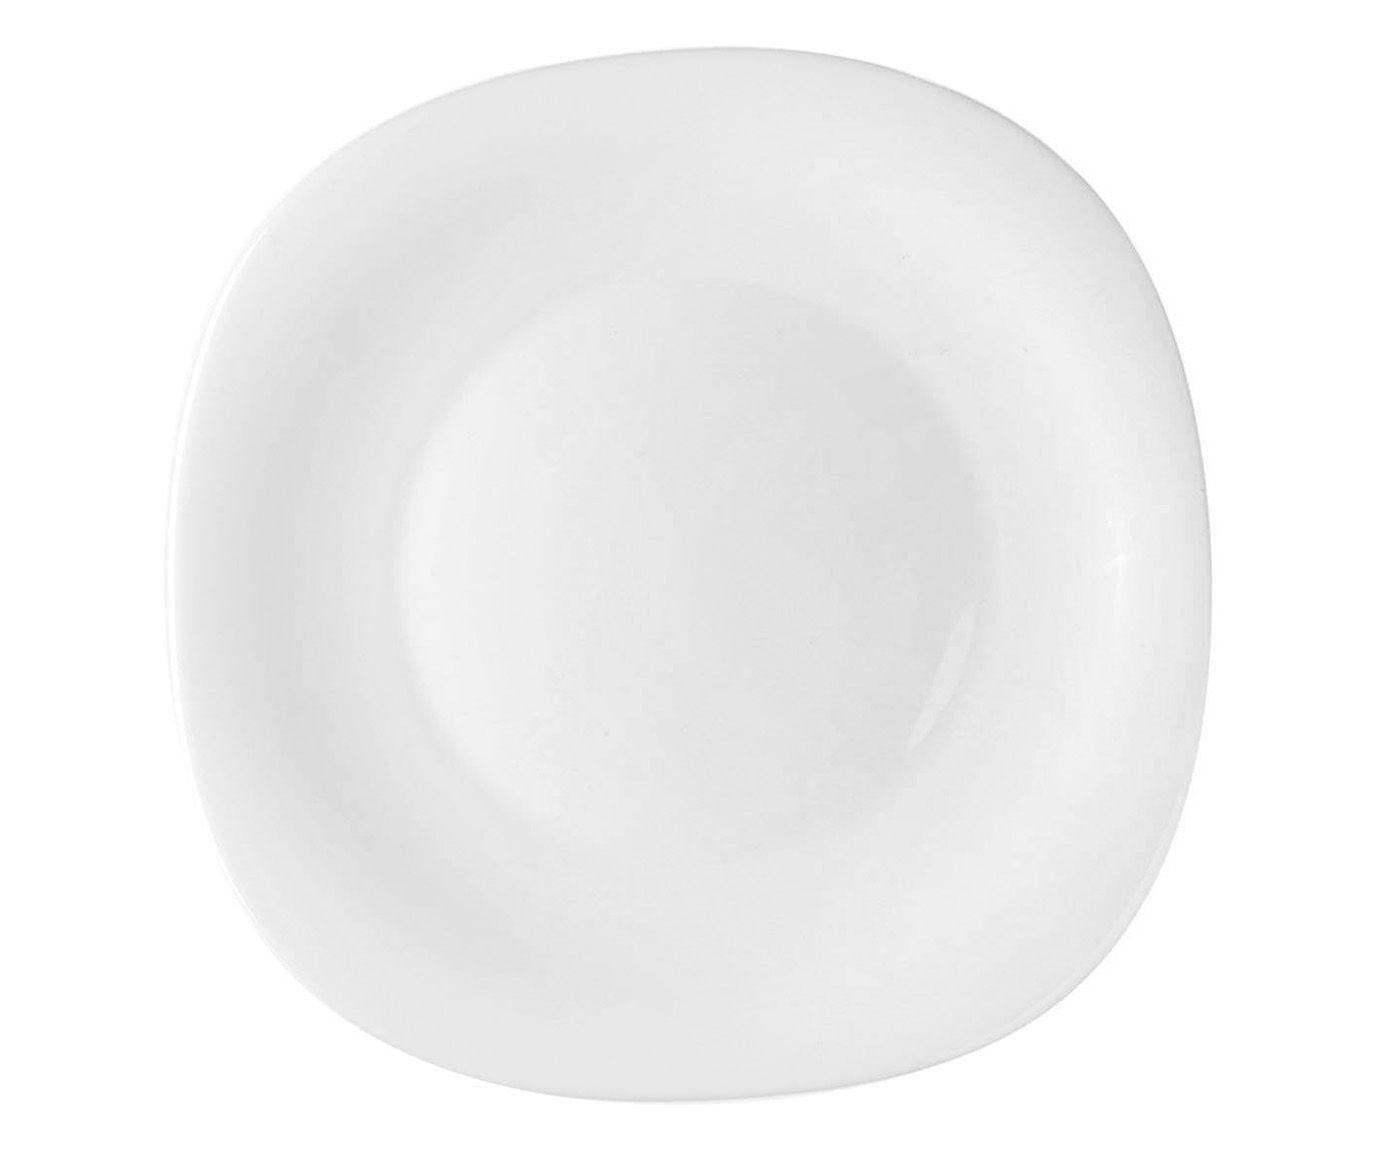 Sousplat Parma - 31cm | Westwing.com.br